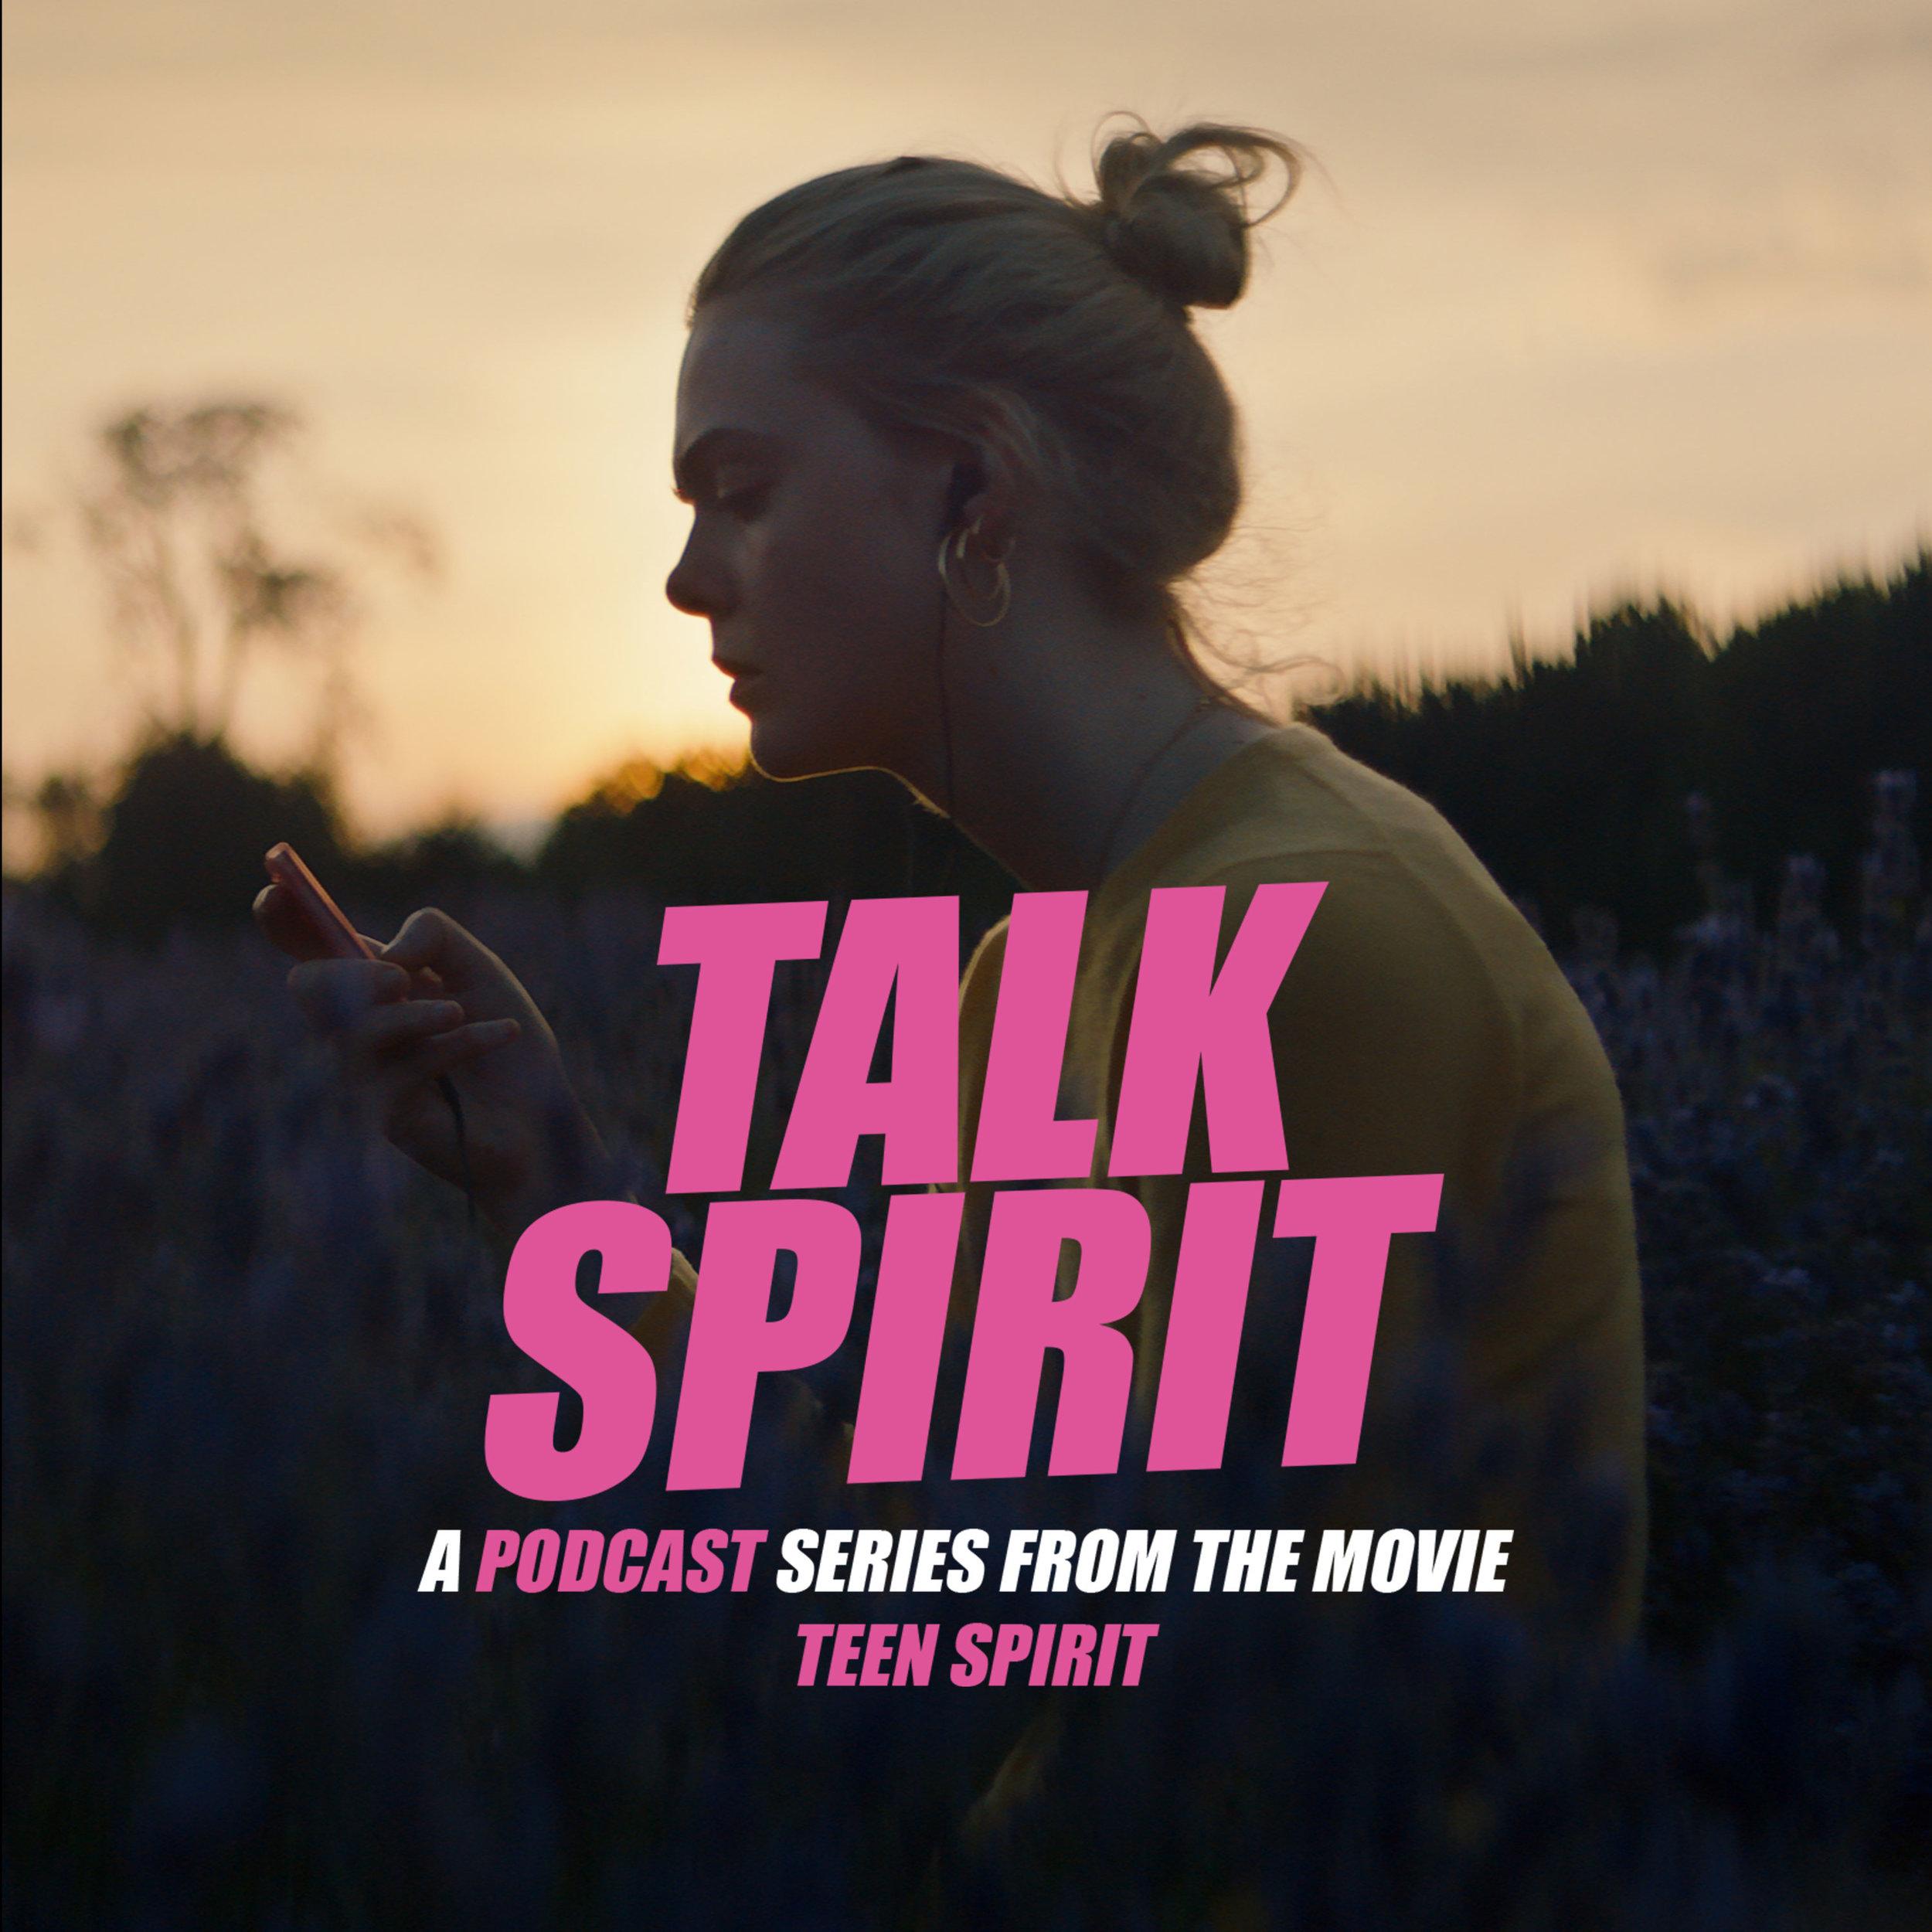 TALK-SPIRIT-MEGAPHONE-V3.jpg